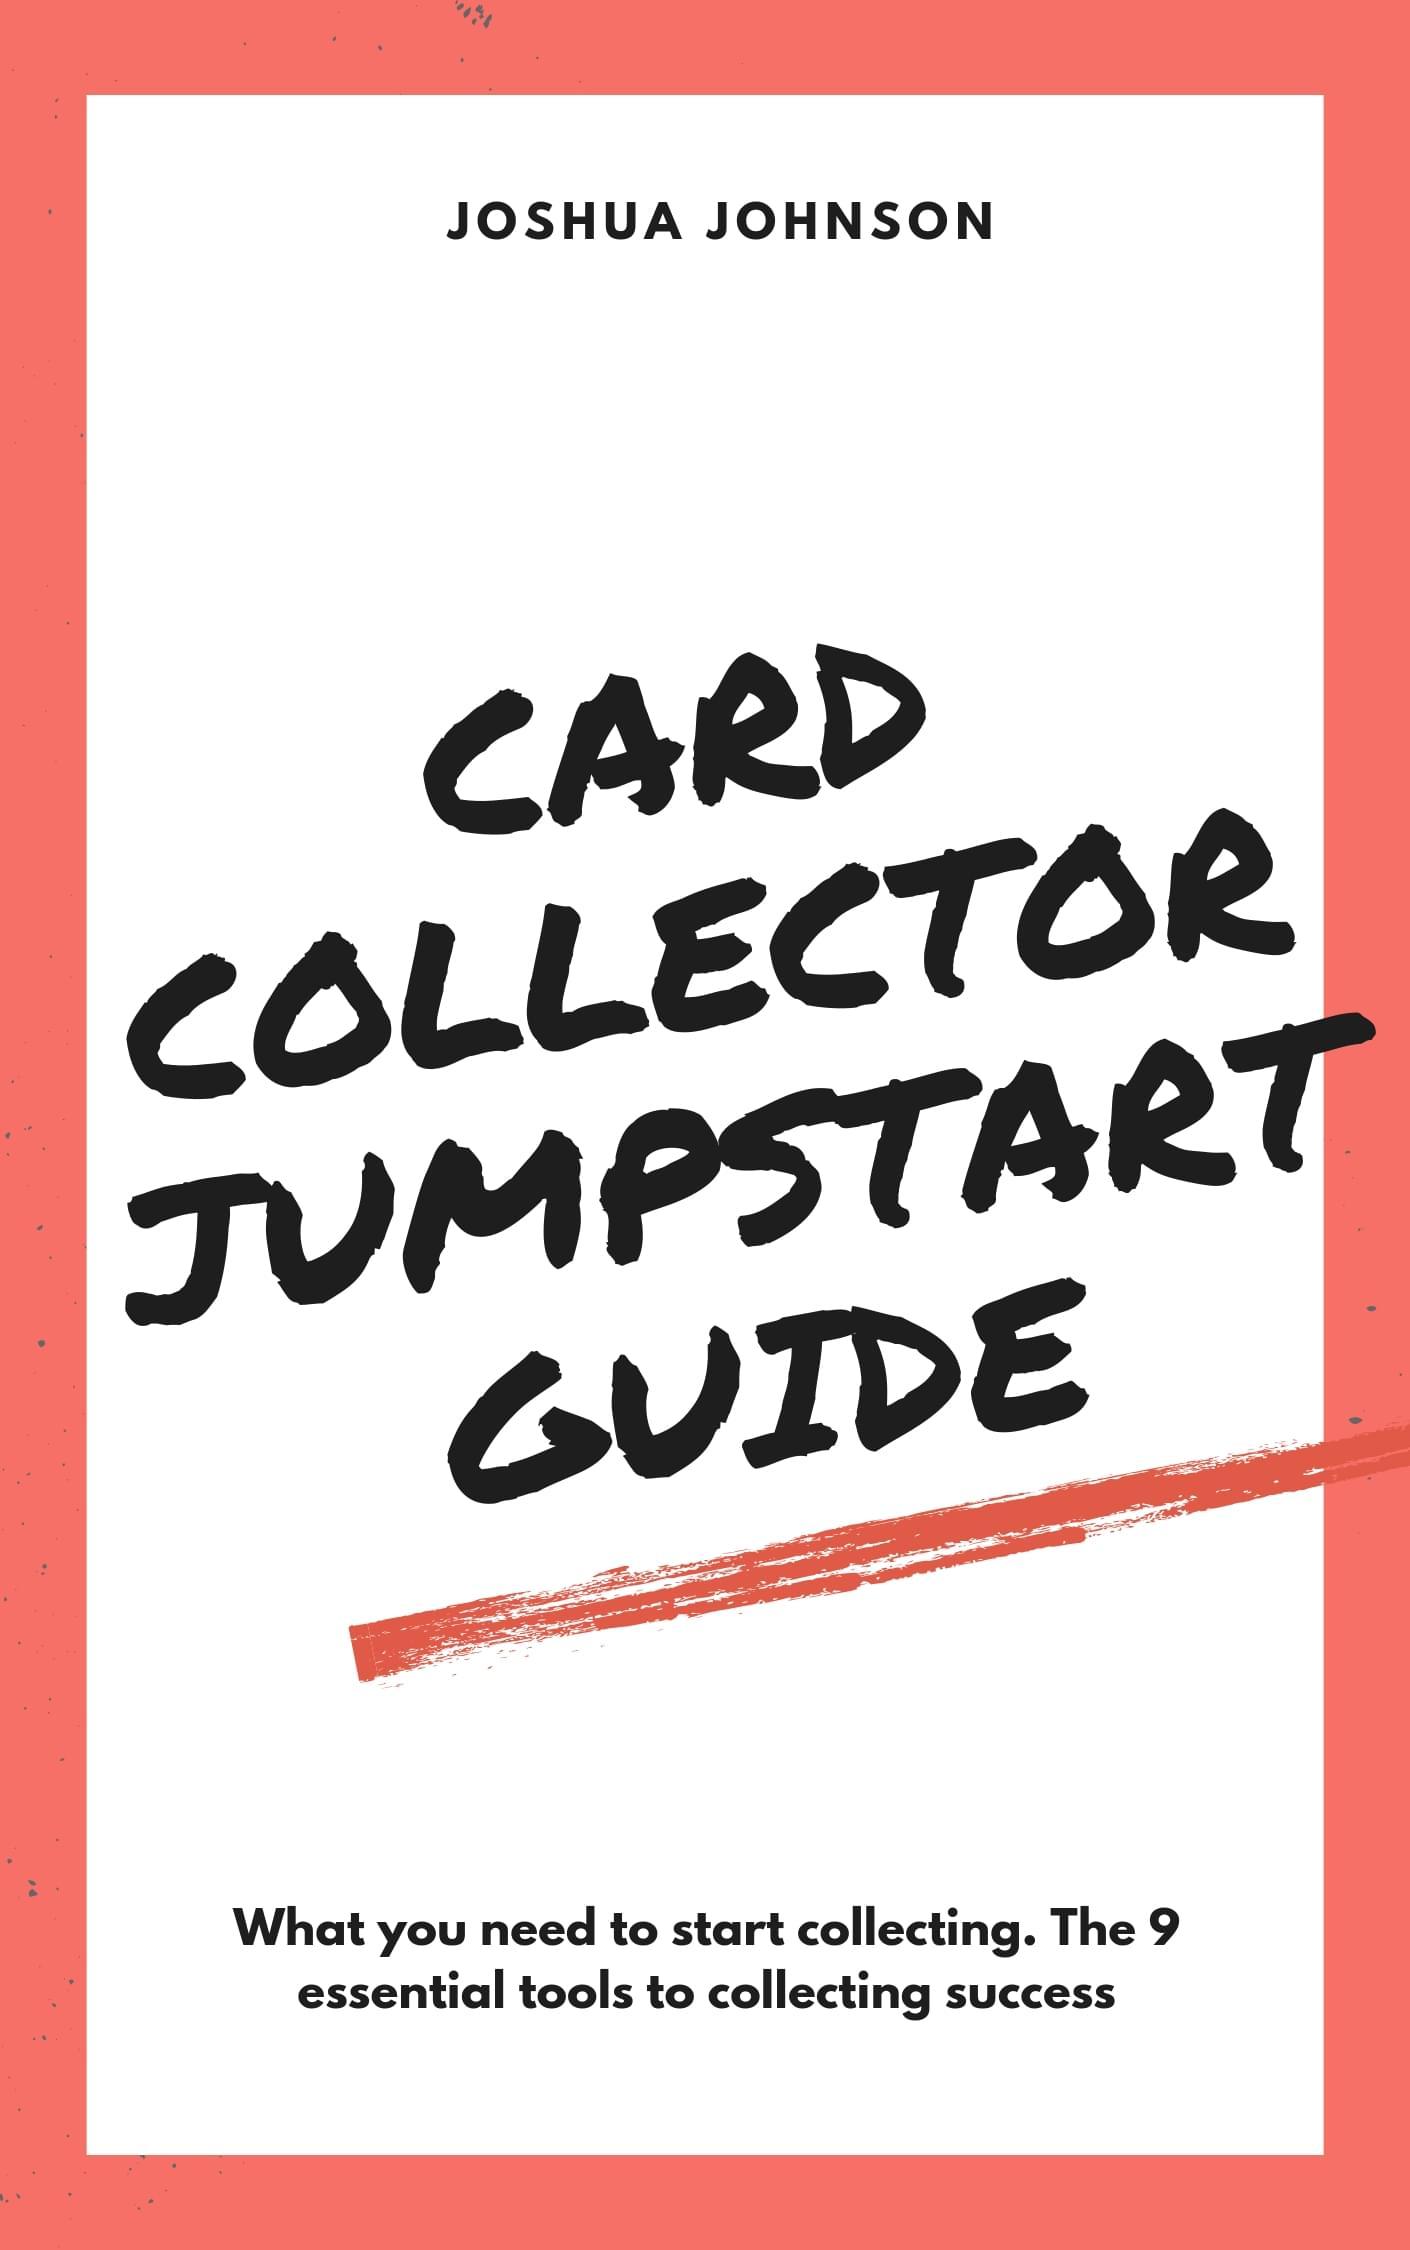 card collector jumpstart guide